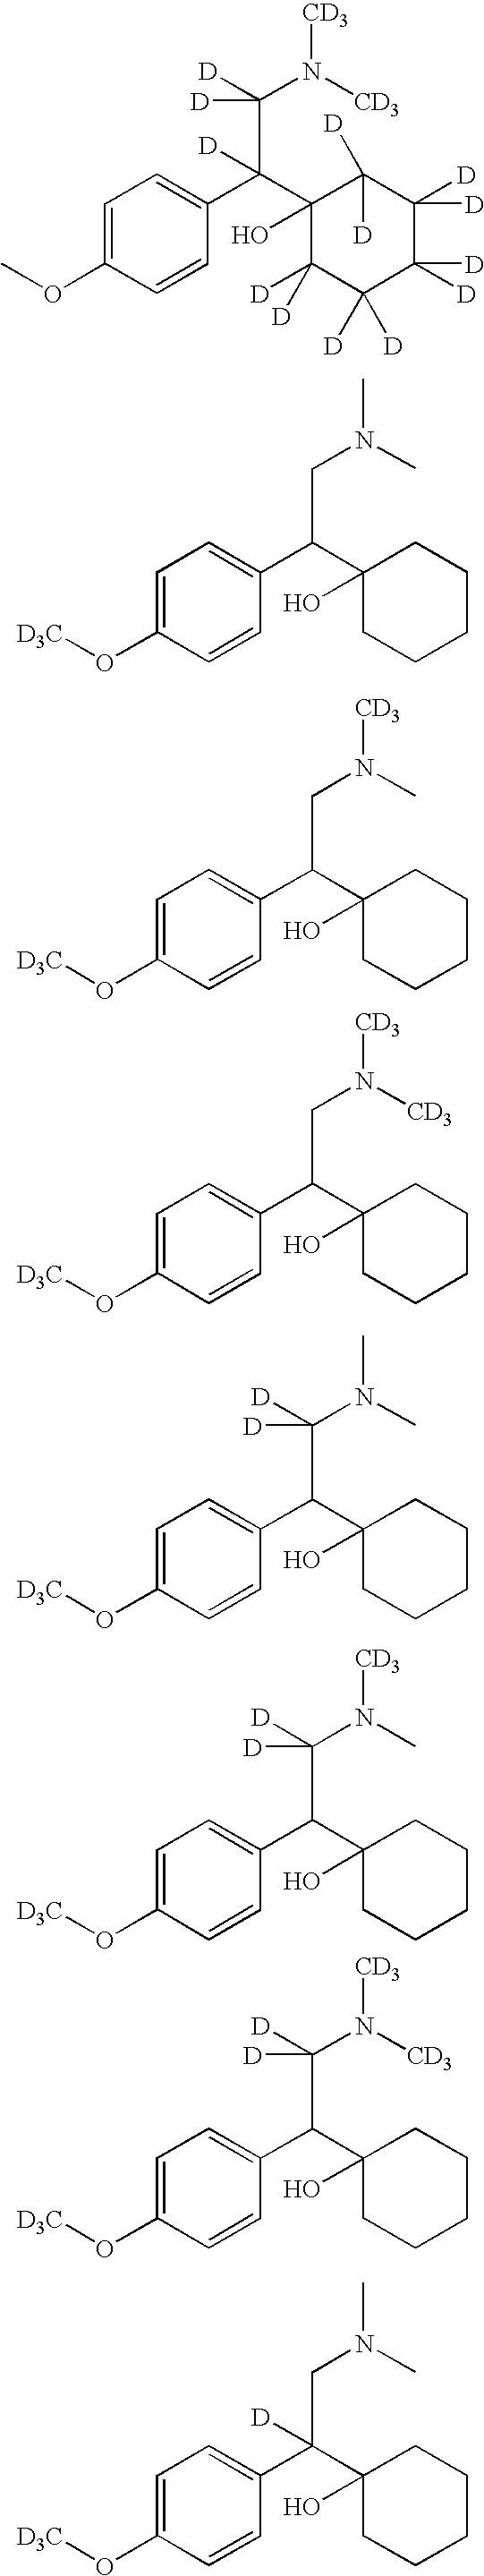 Figure US07456317-20081125-C00008